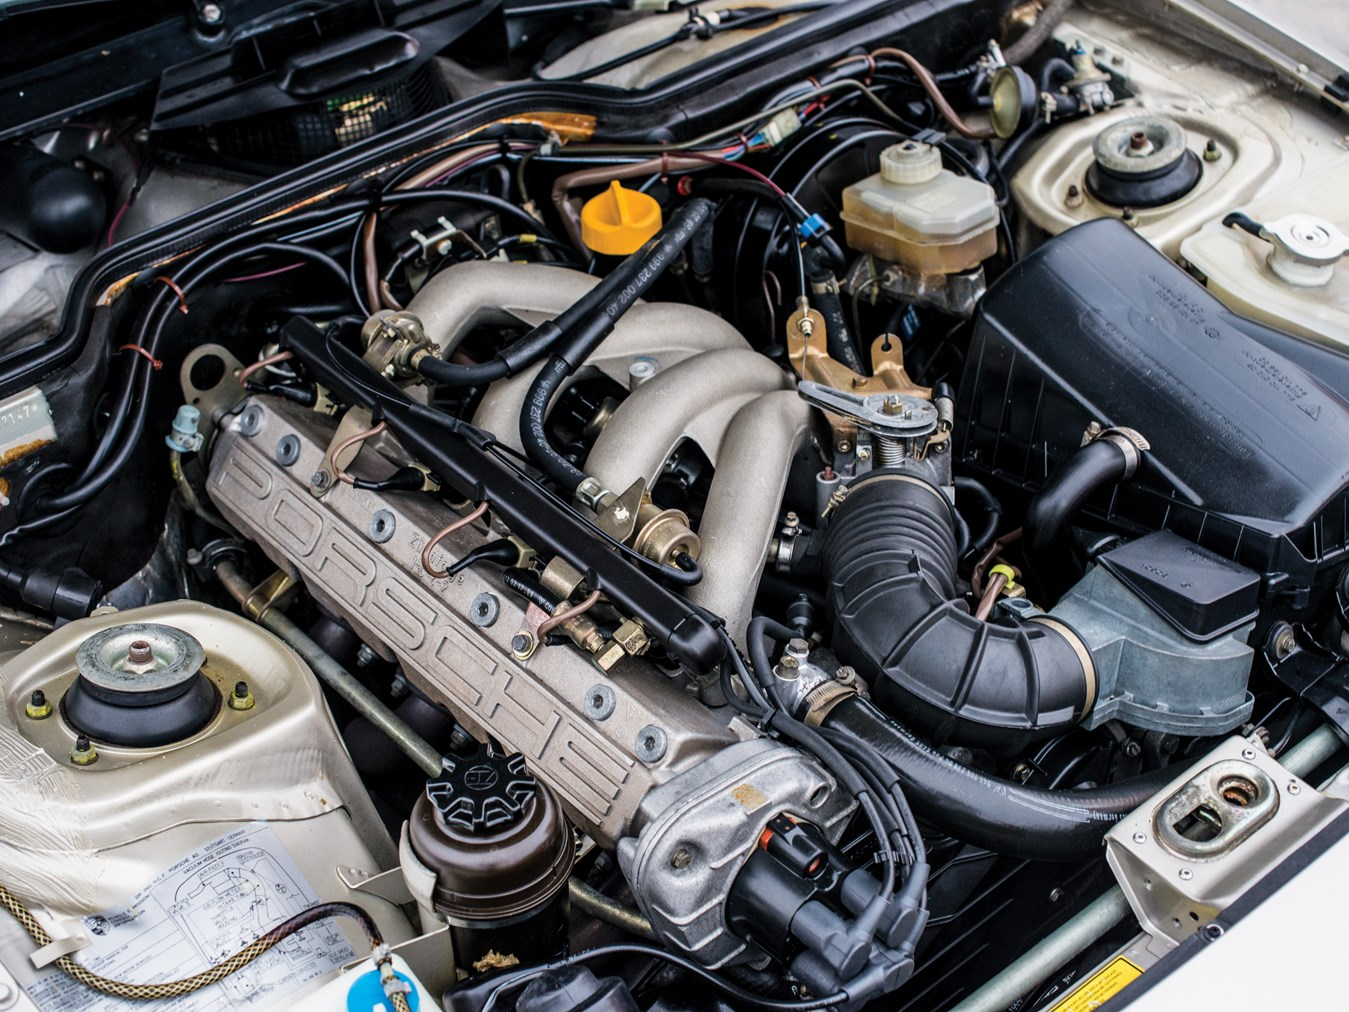 1987 Porsche 924 S engine